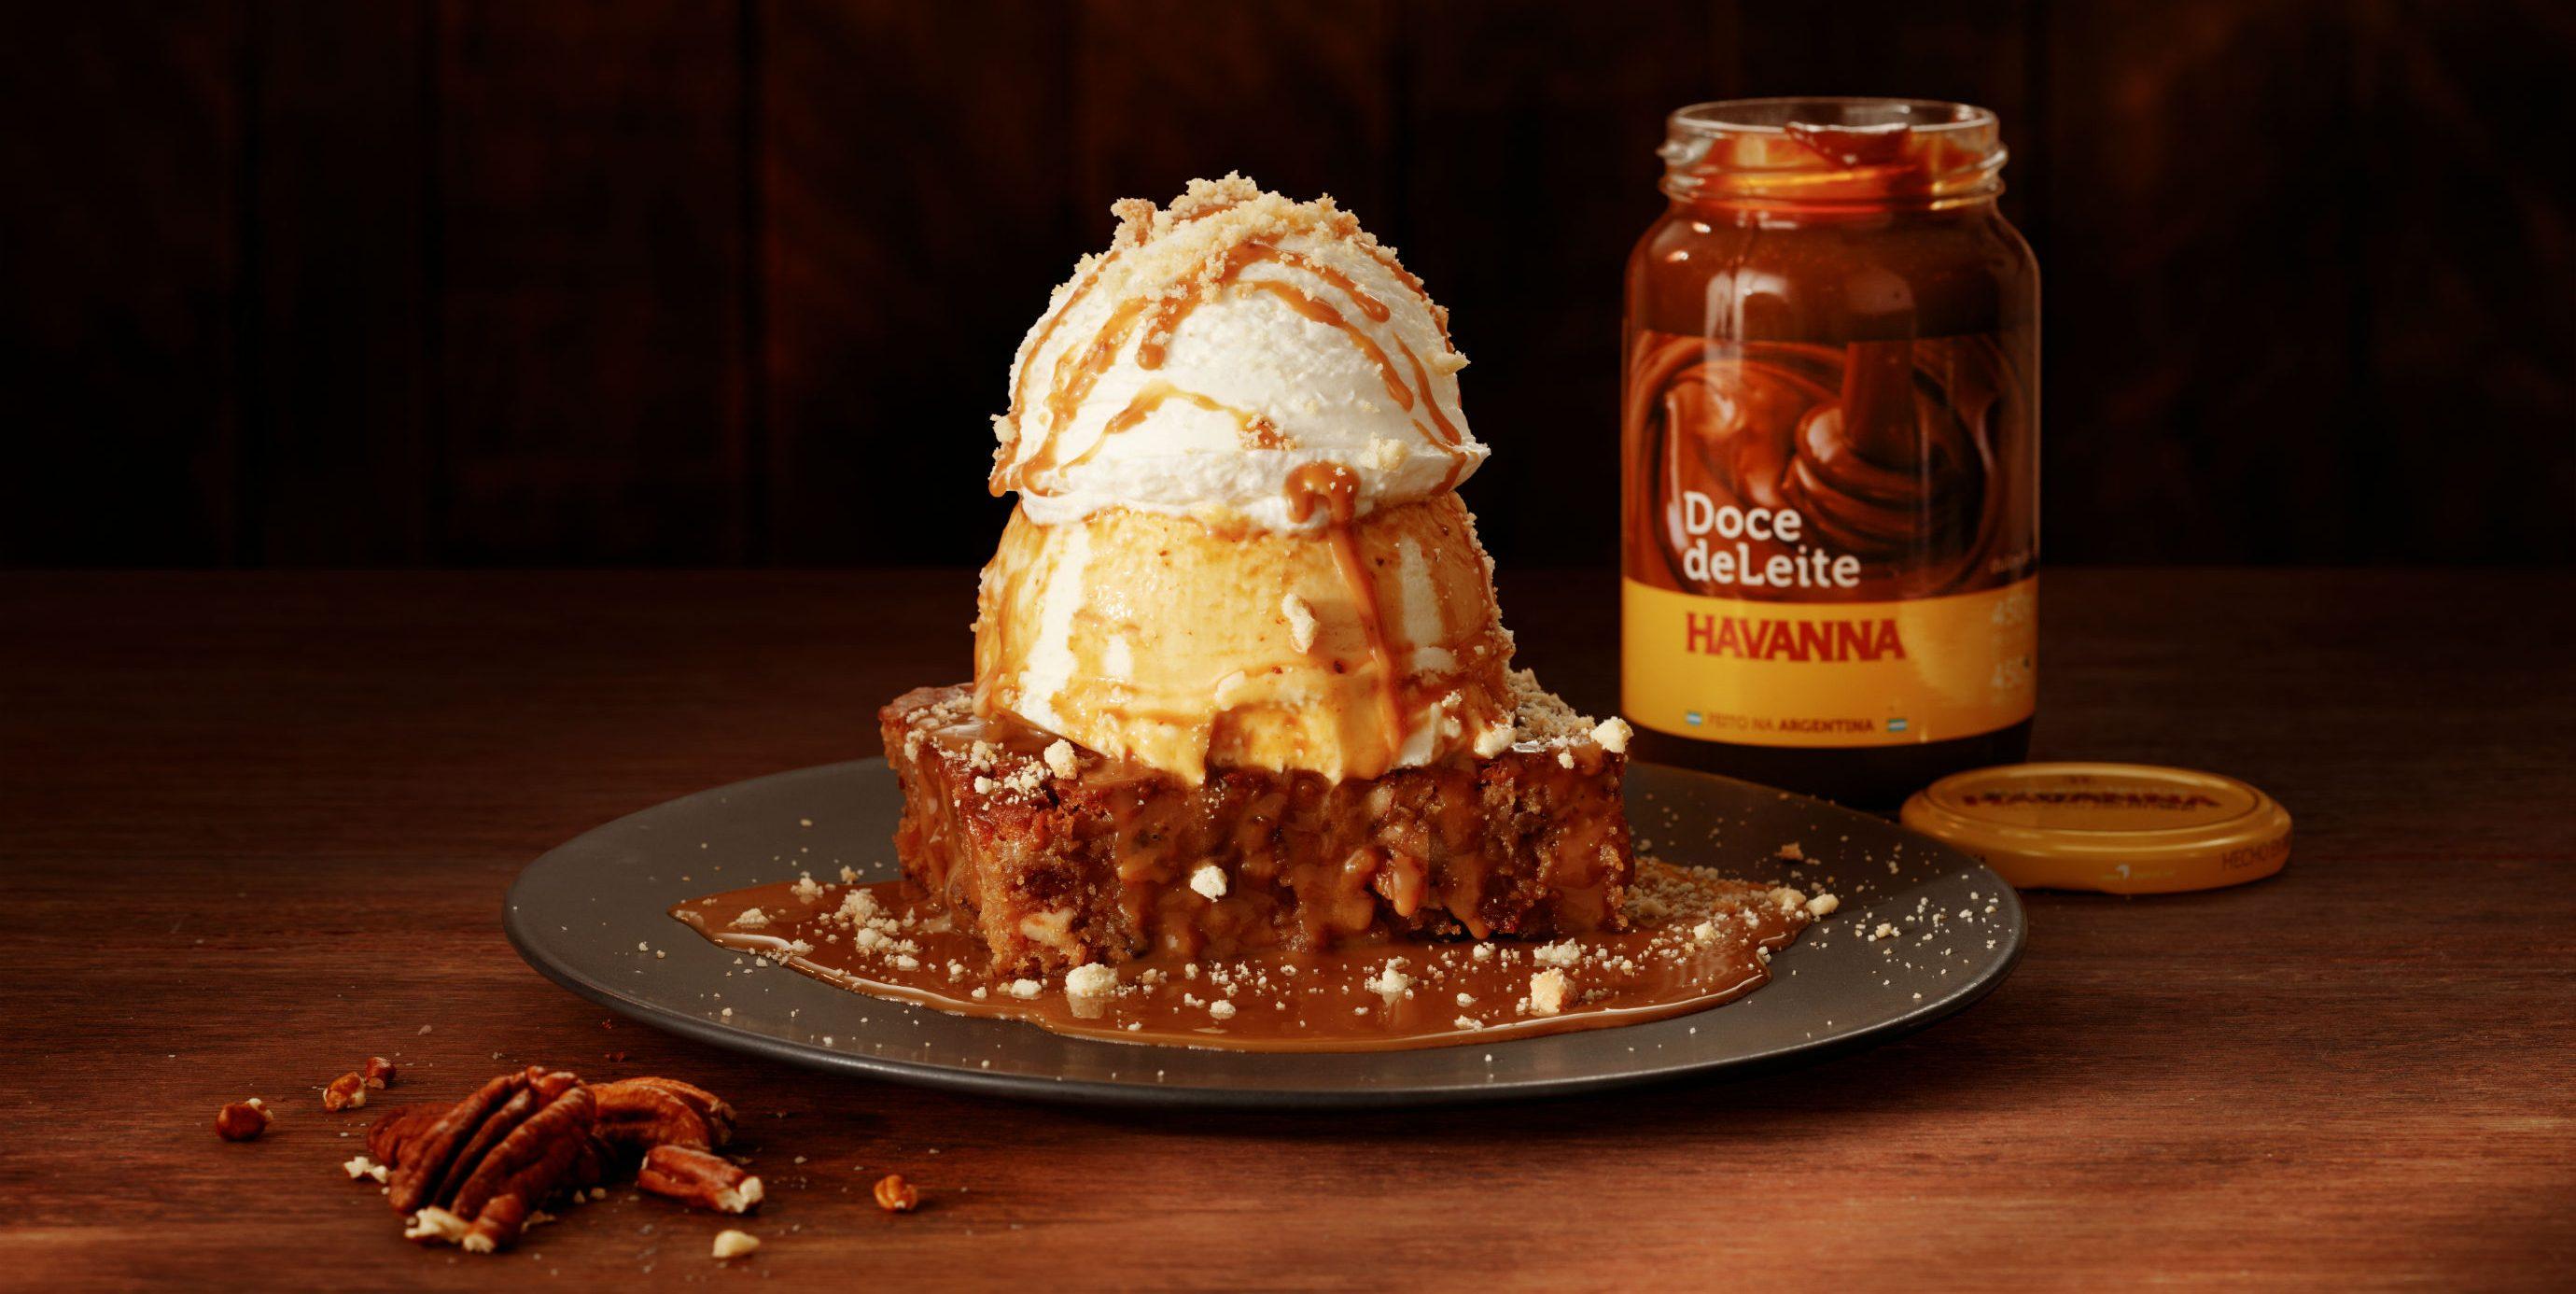 Outback lança brownie com doce de leite Havanna